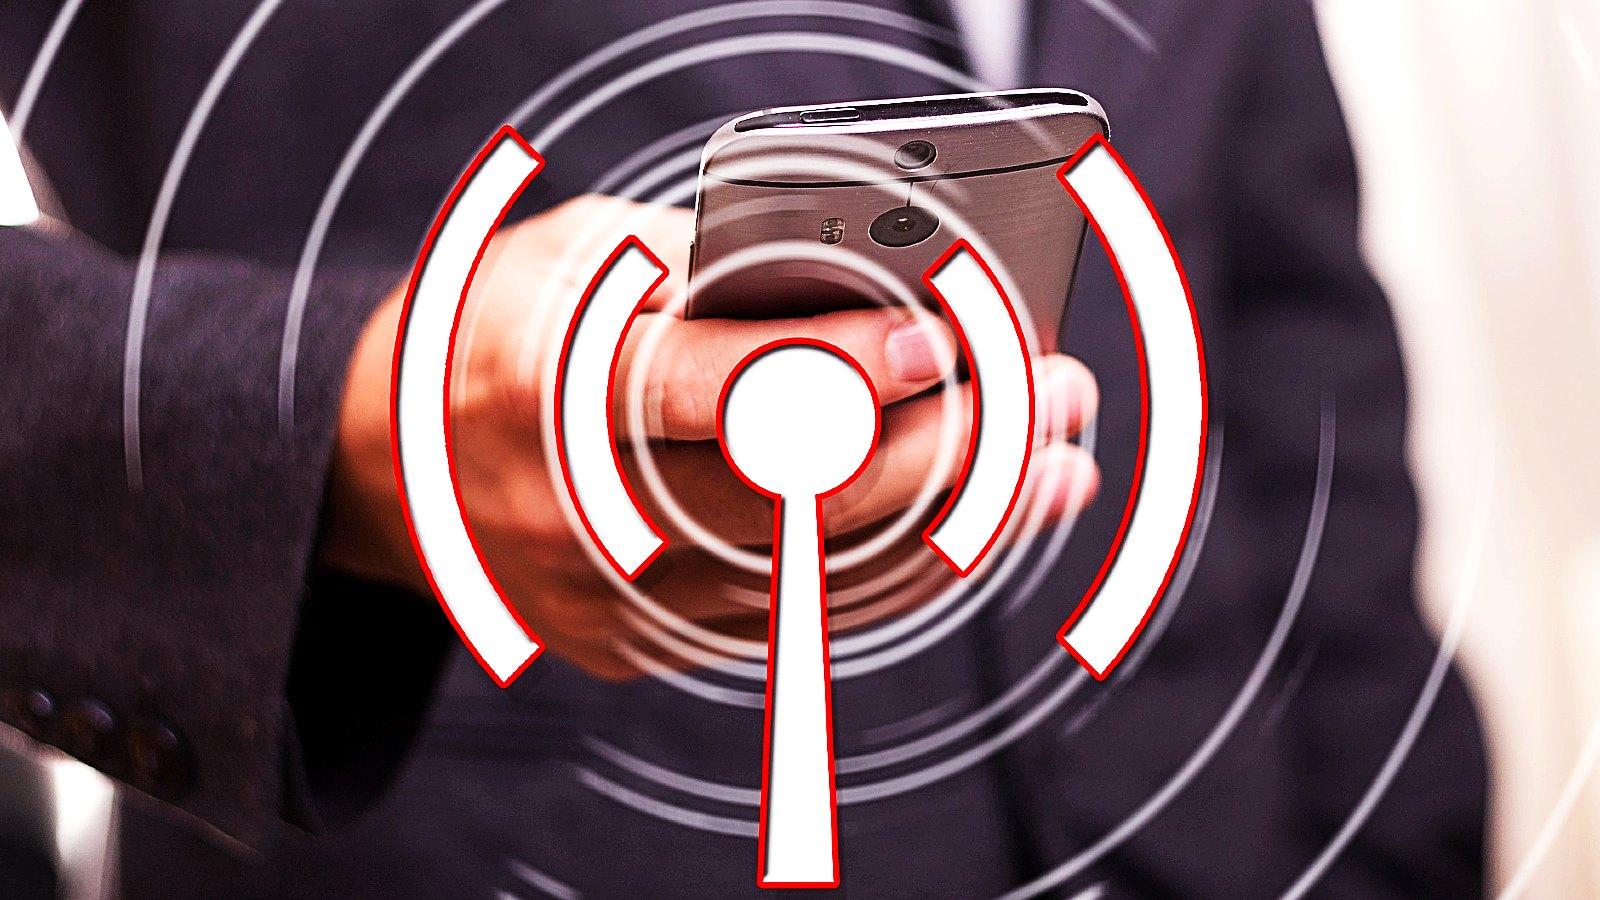 受新FragAttacks漏洞影响的所有Wi-Fi设备